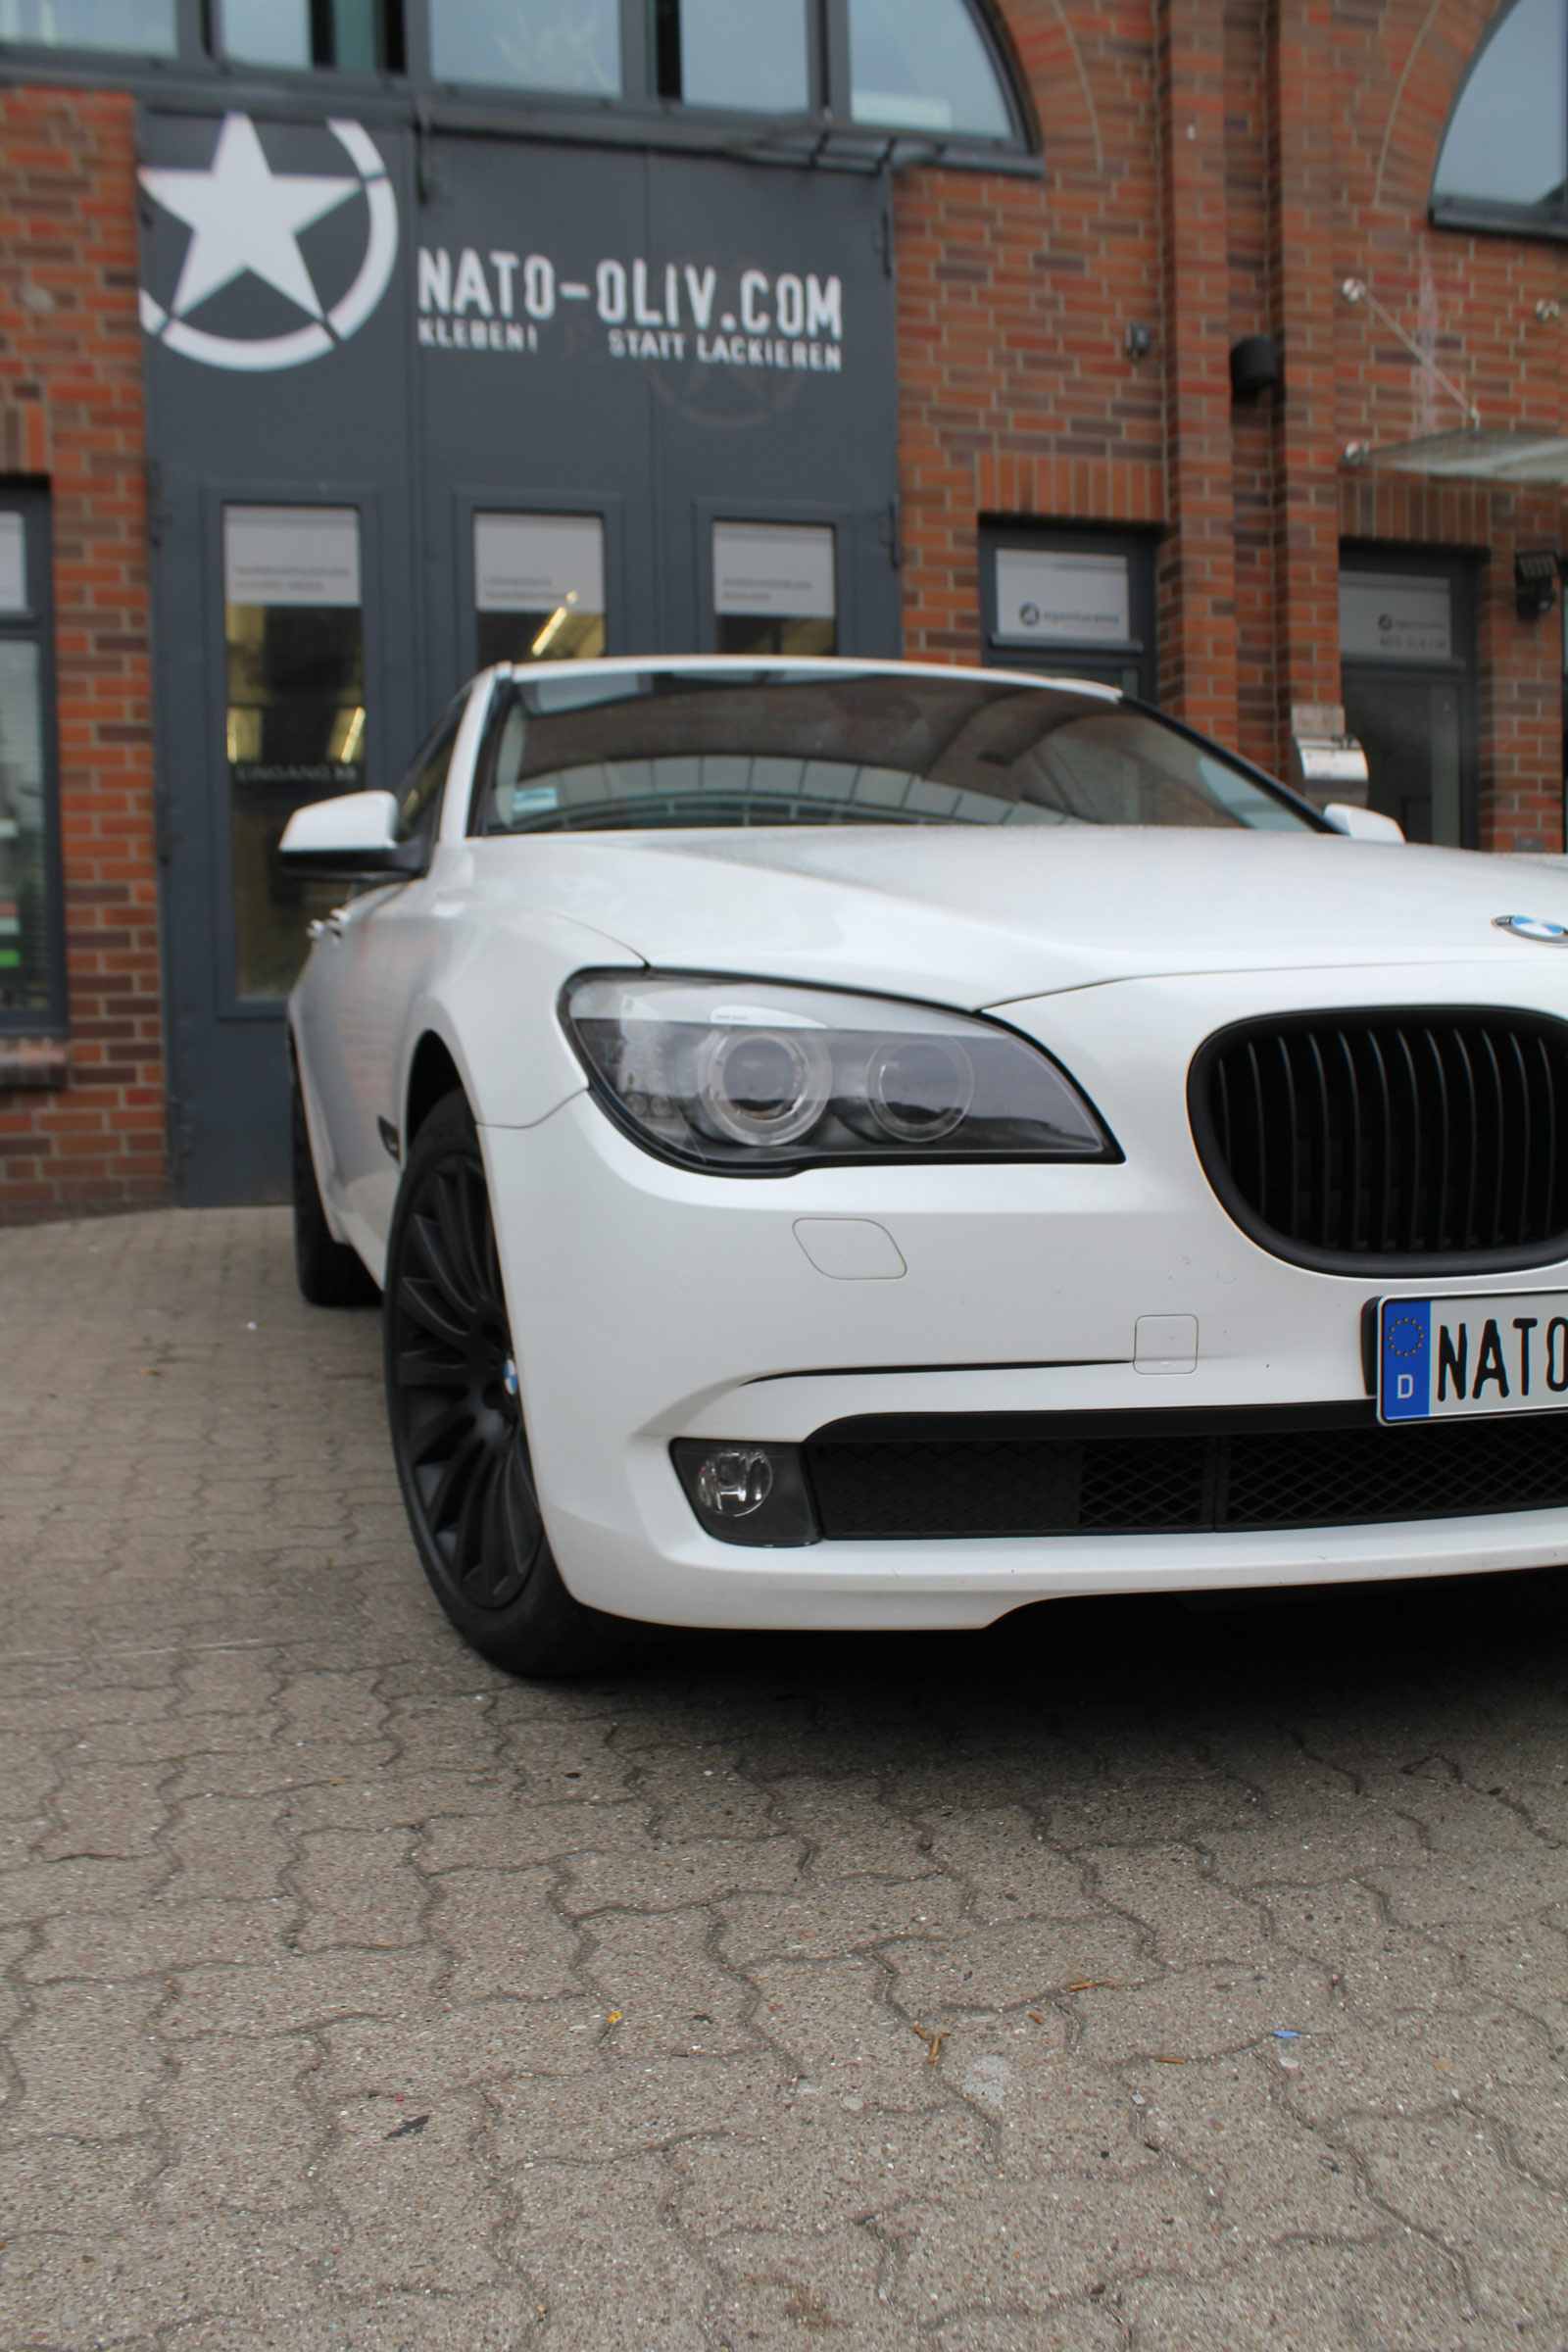 BMW_7er_WEISS_GLANZ_FELGEN_FOLIERUNG_SCHWARZ_MATT_20